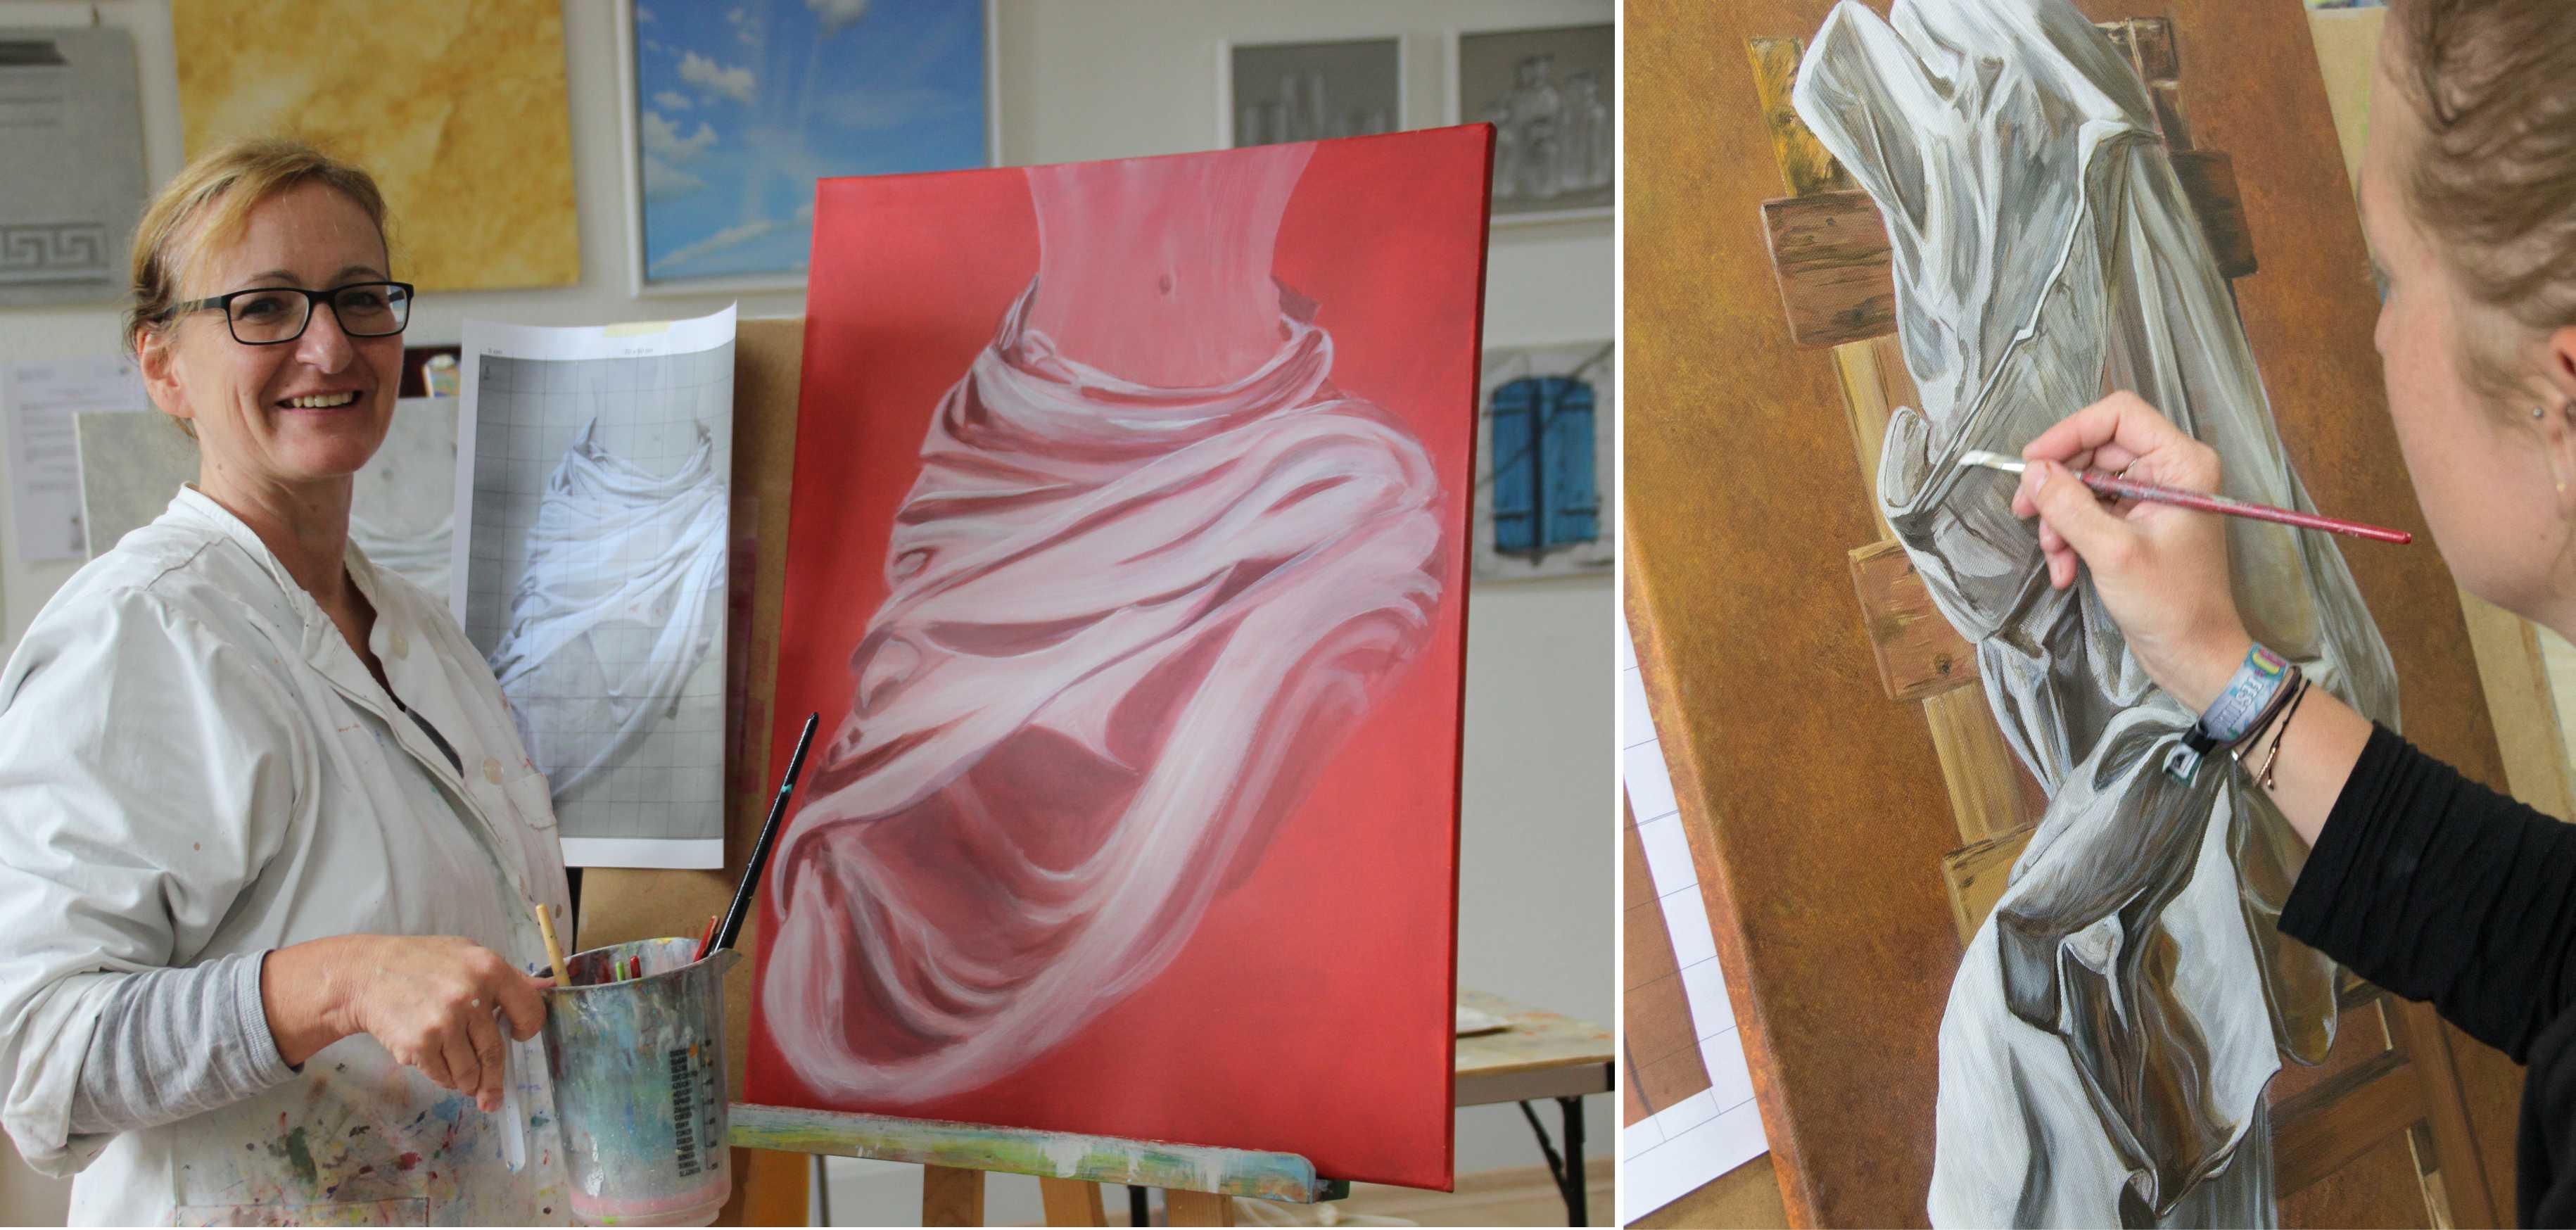 Kurs Faltenwurf / Draperie für Künstler, Kunstakademie Wertheim, Akademie für Fotorealismus, Atelier Leoni